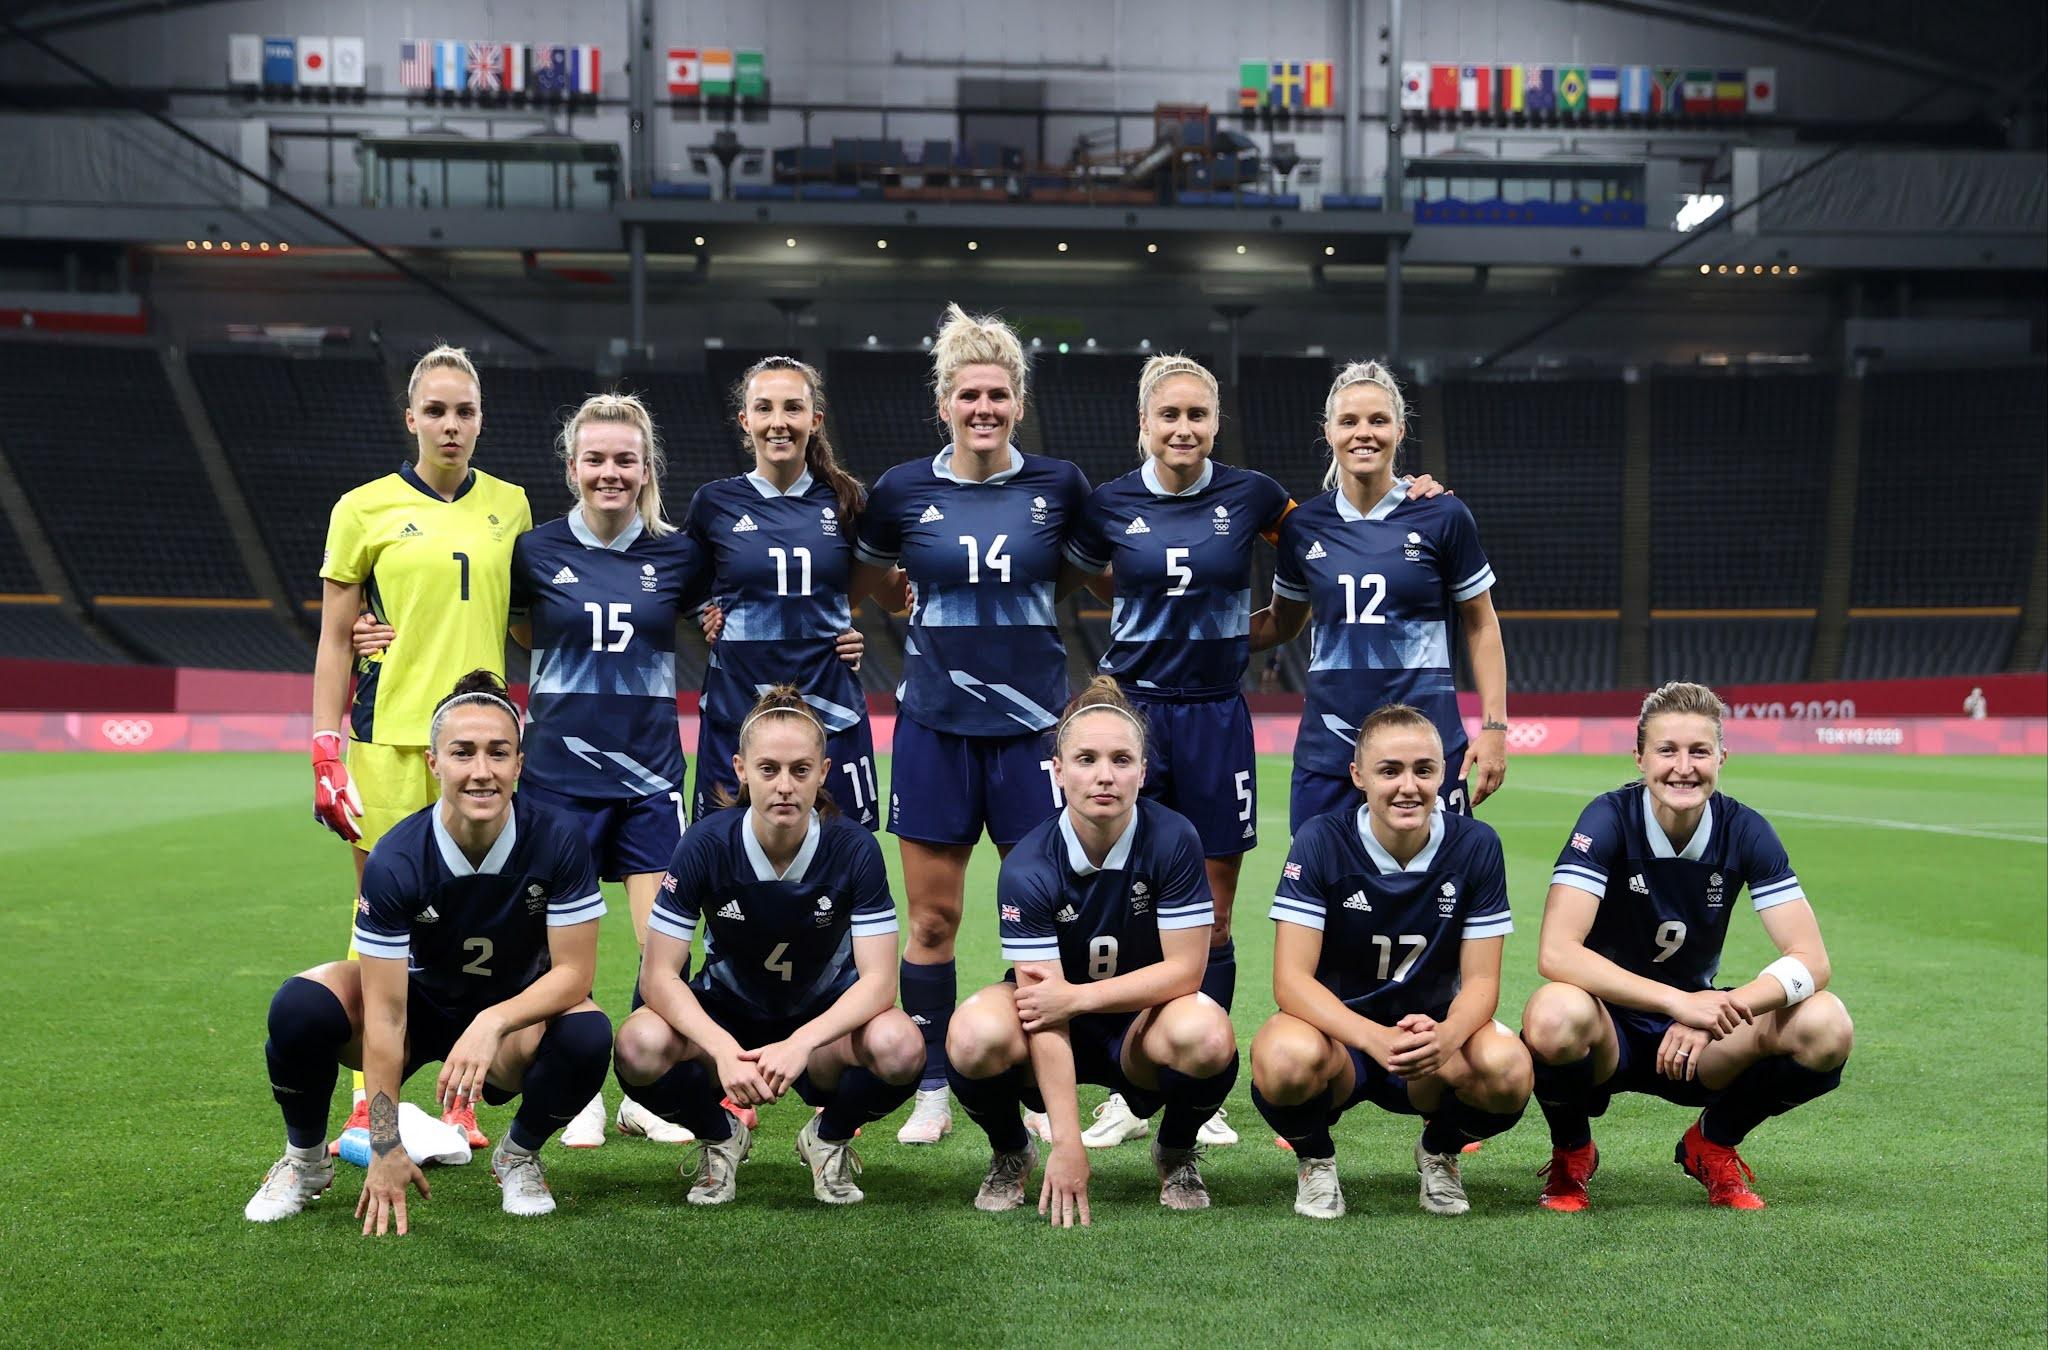 Formación de selección femenina de Gran Bretaña ante Chile, Juegos Olímpicos de Tokio 2020, 21 de julio de 2021